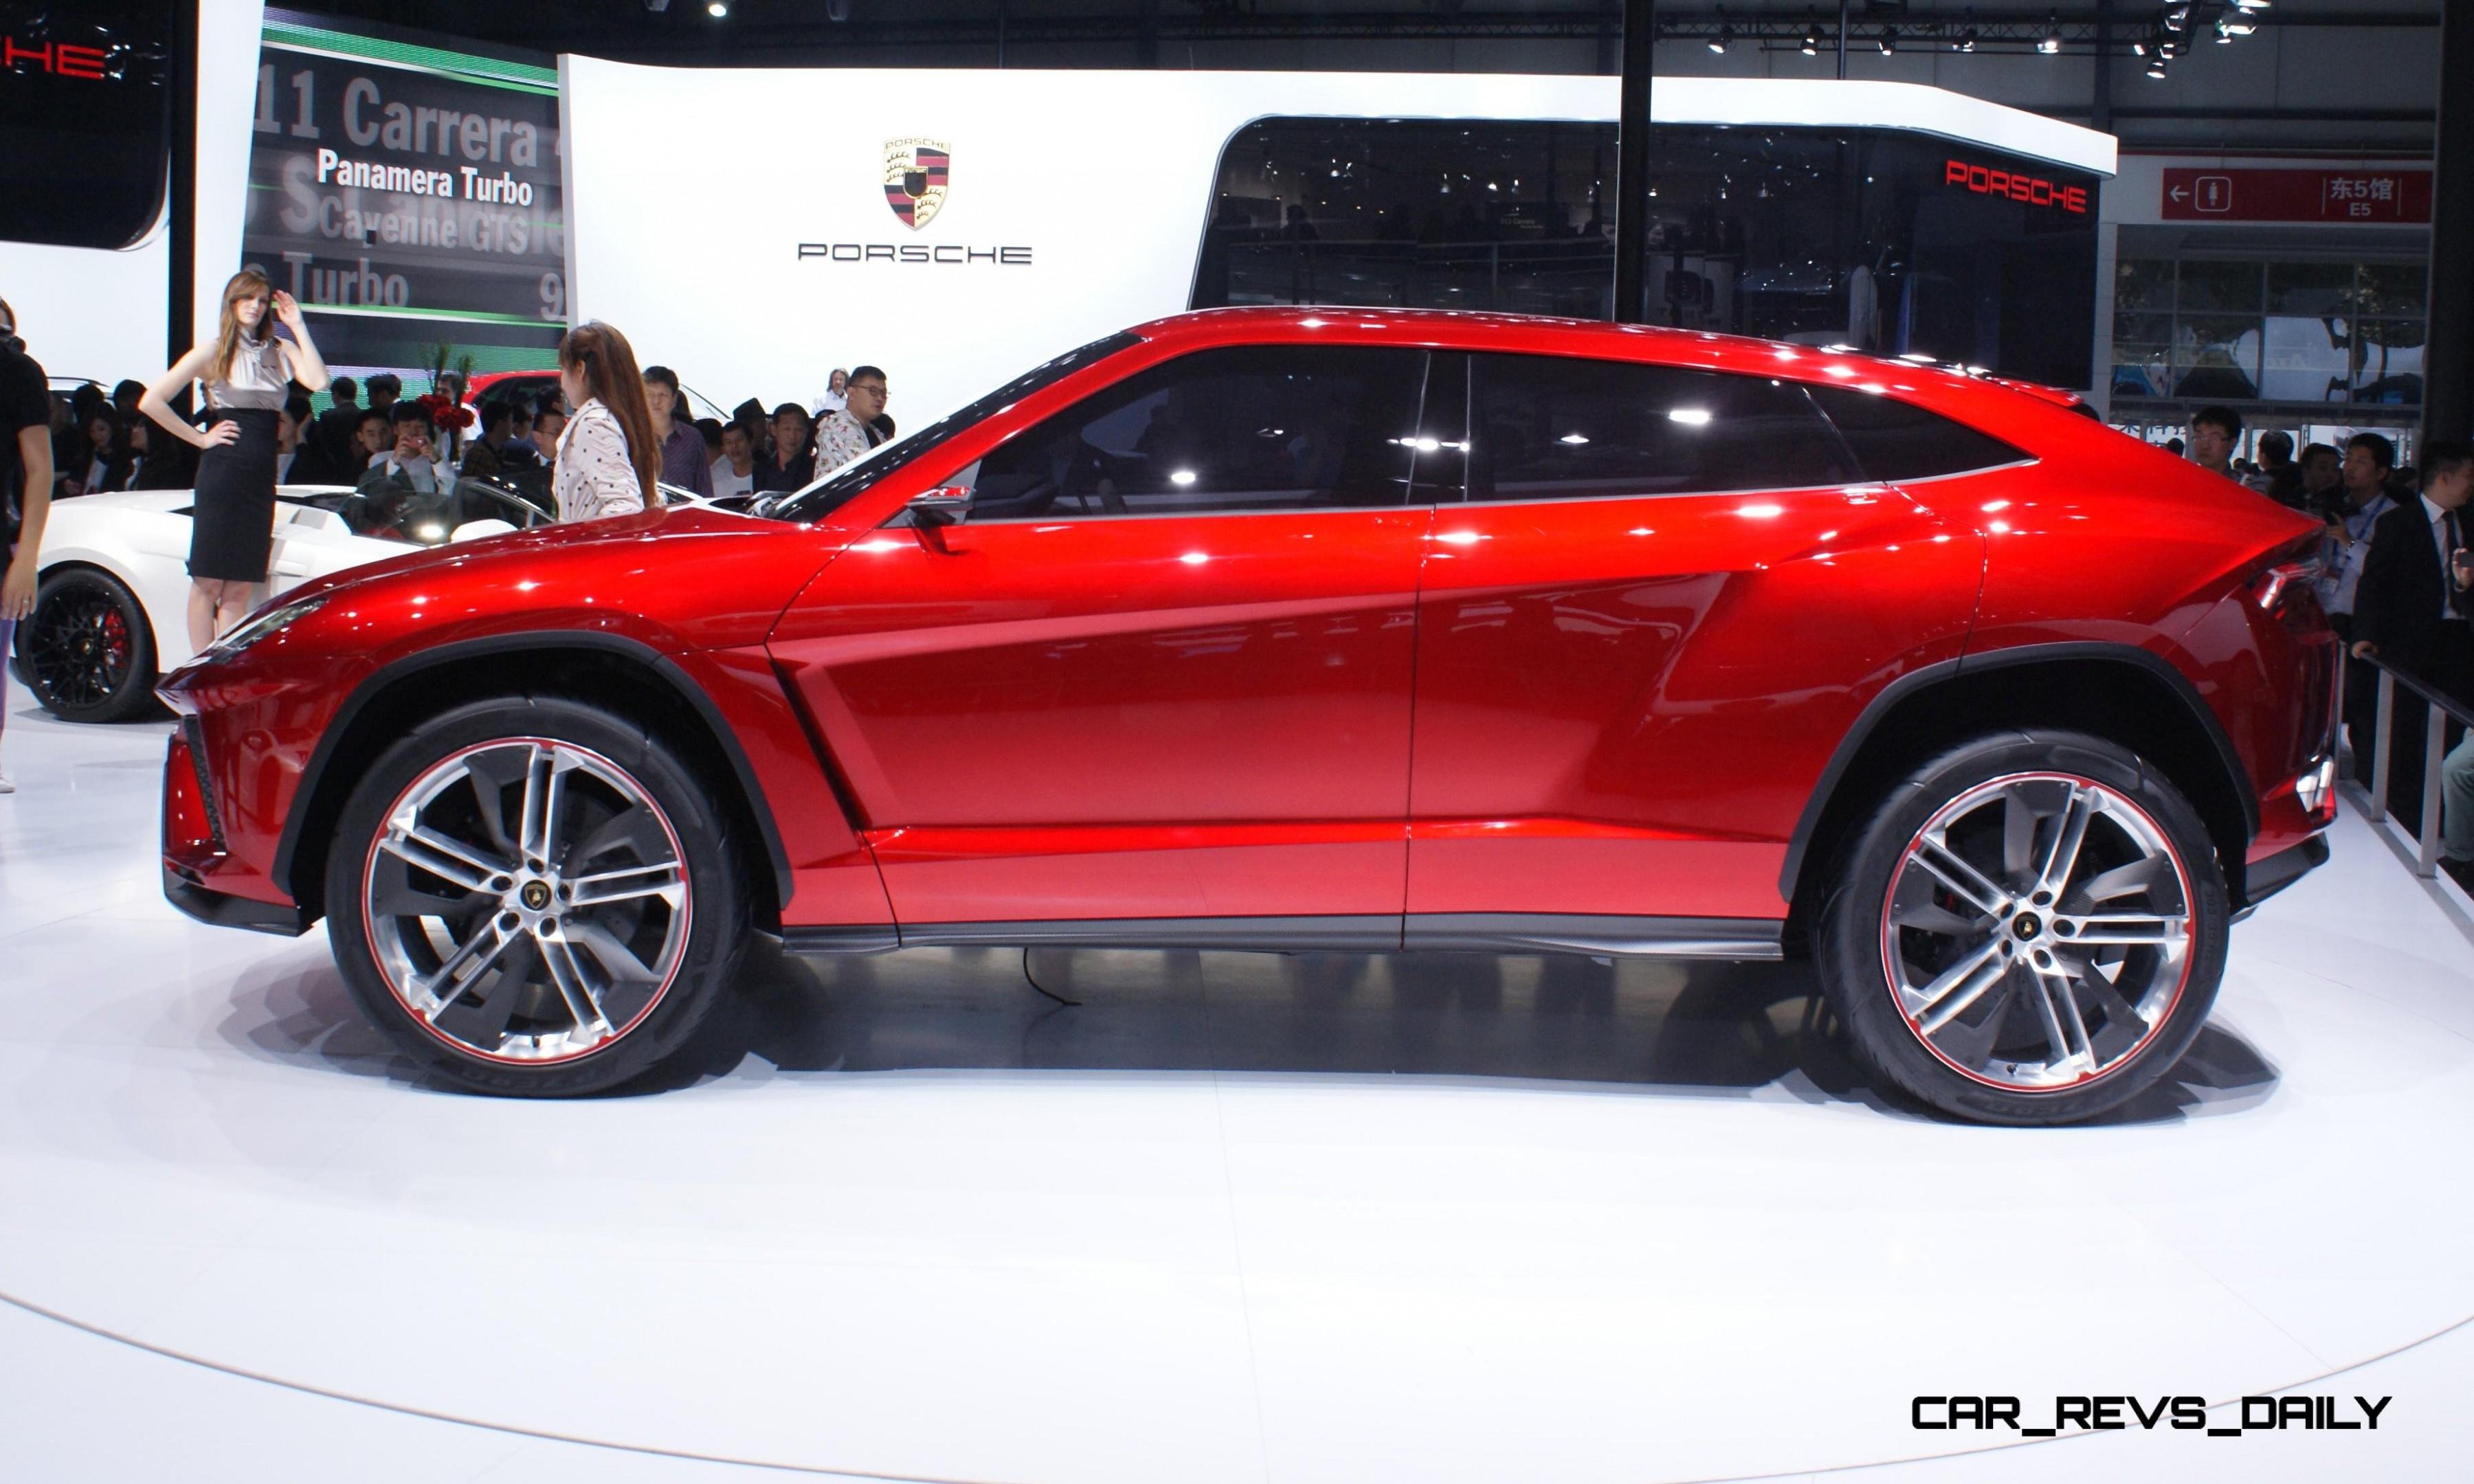 Lamborghini Paris Launch Rumored To Be All New 2016 Urus